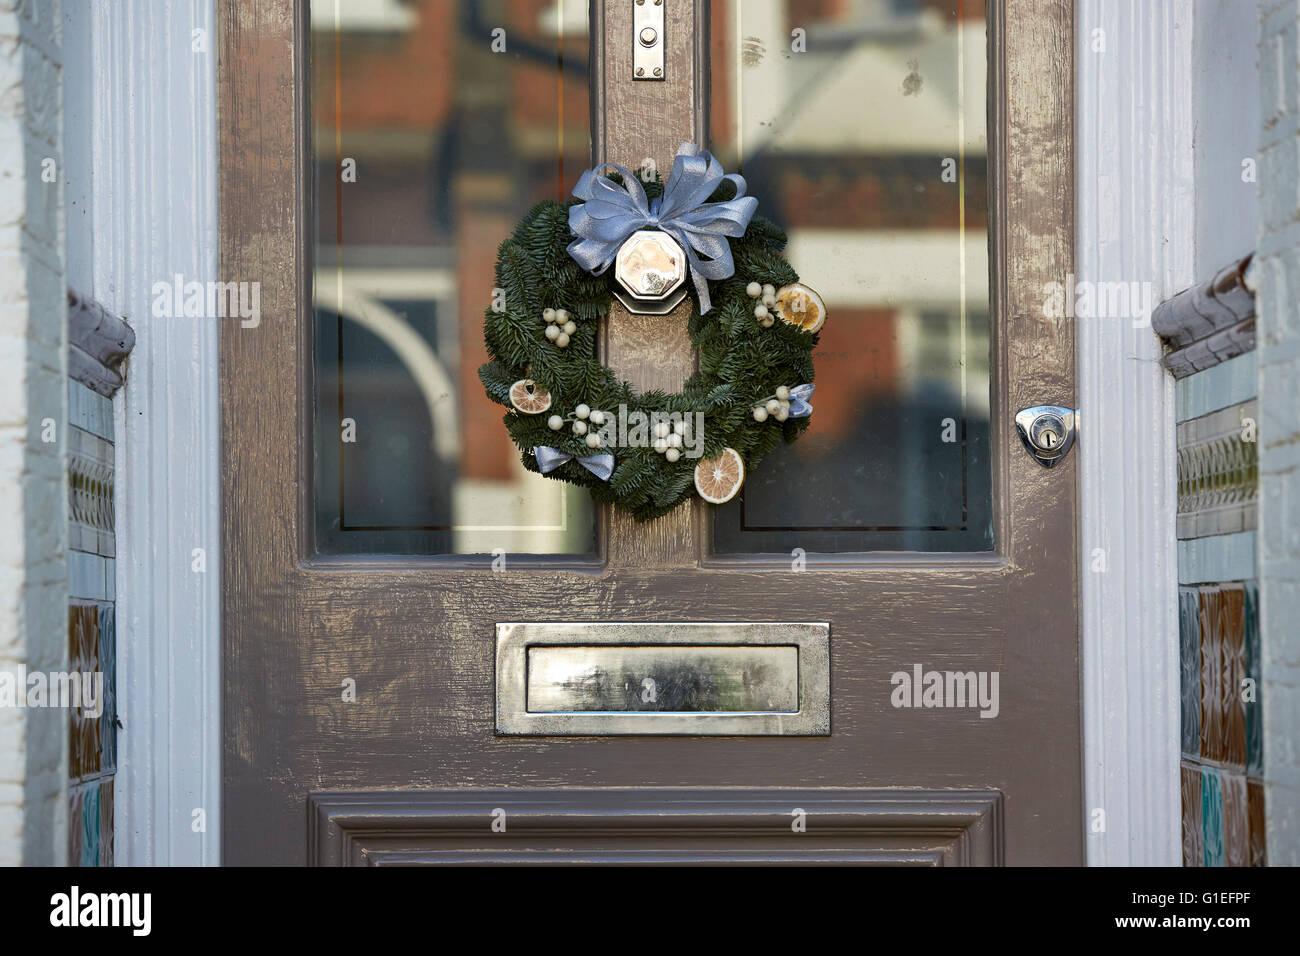 Ghirlanda di Natale sulla porta. Immagini Stock